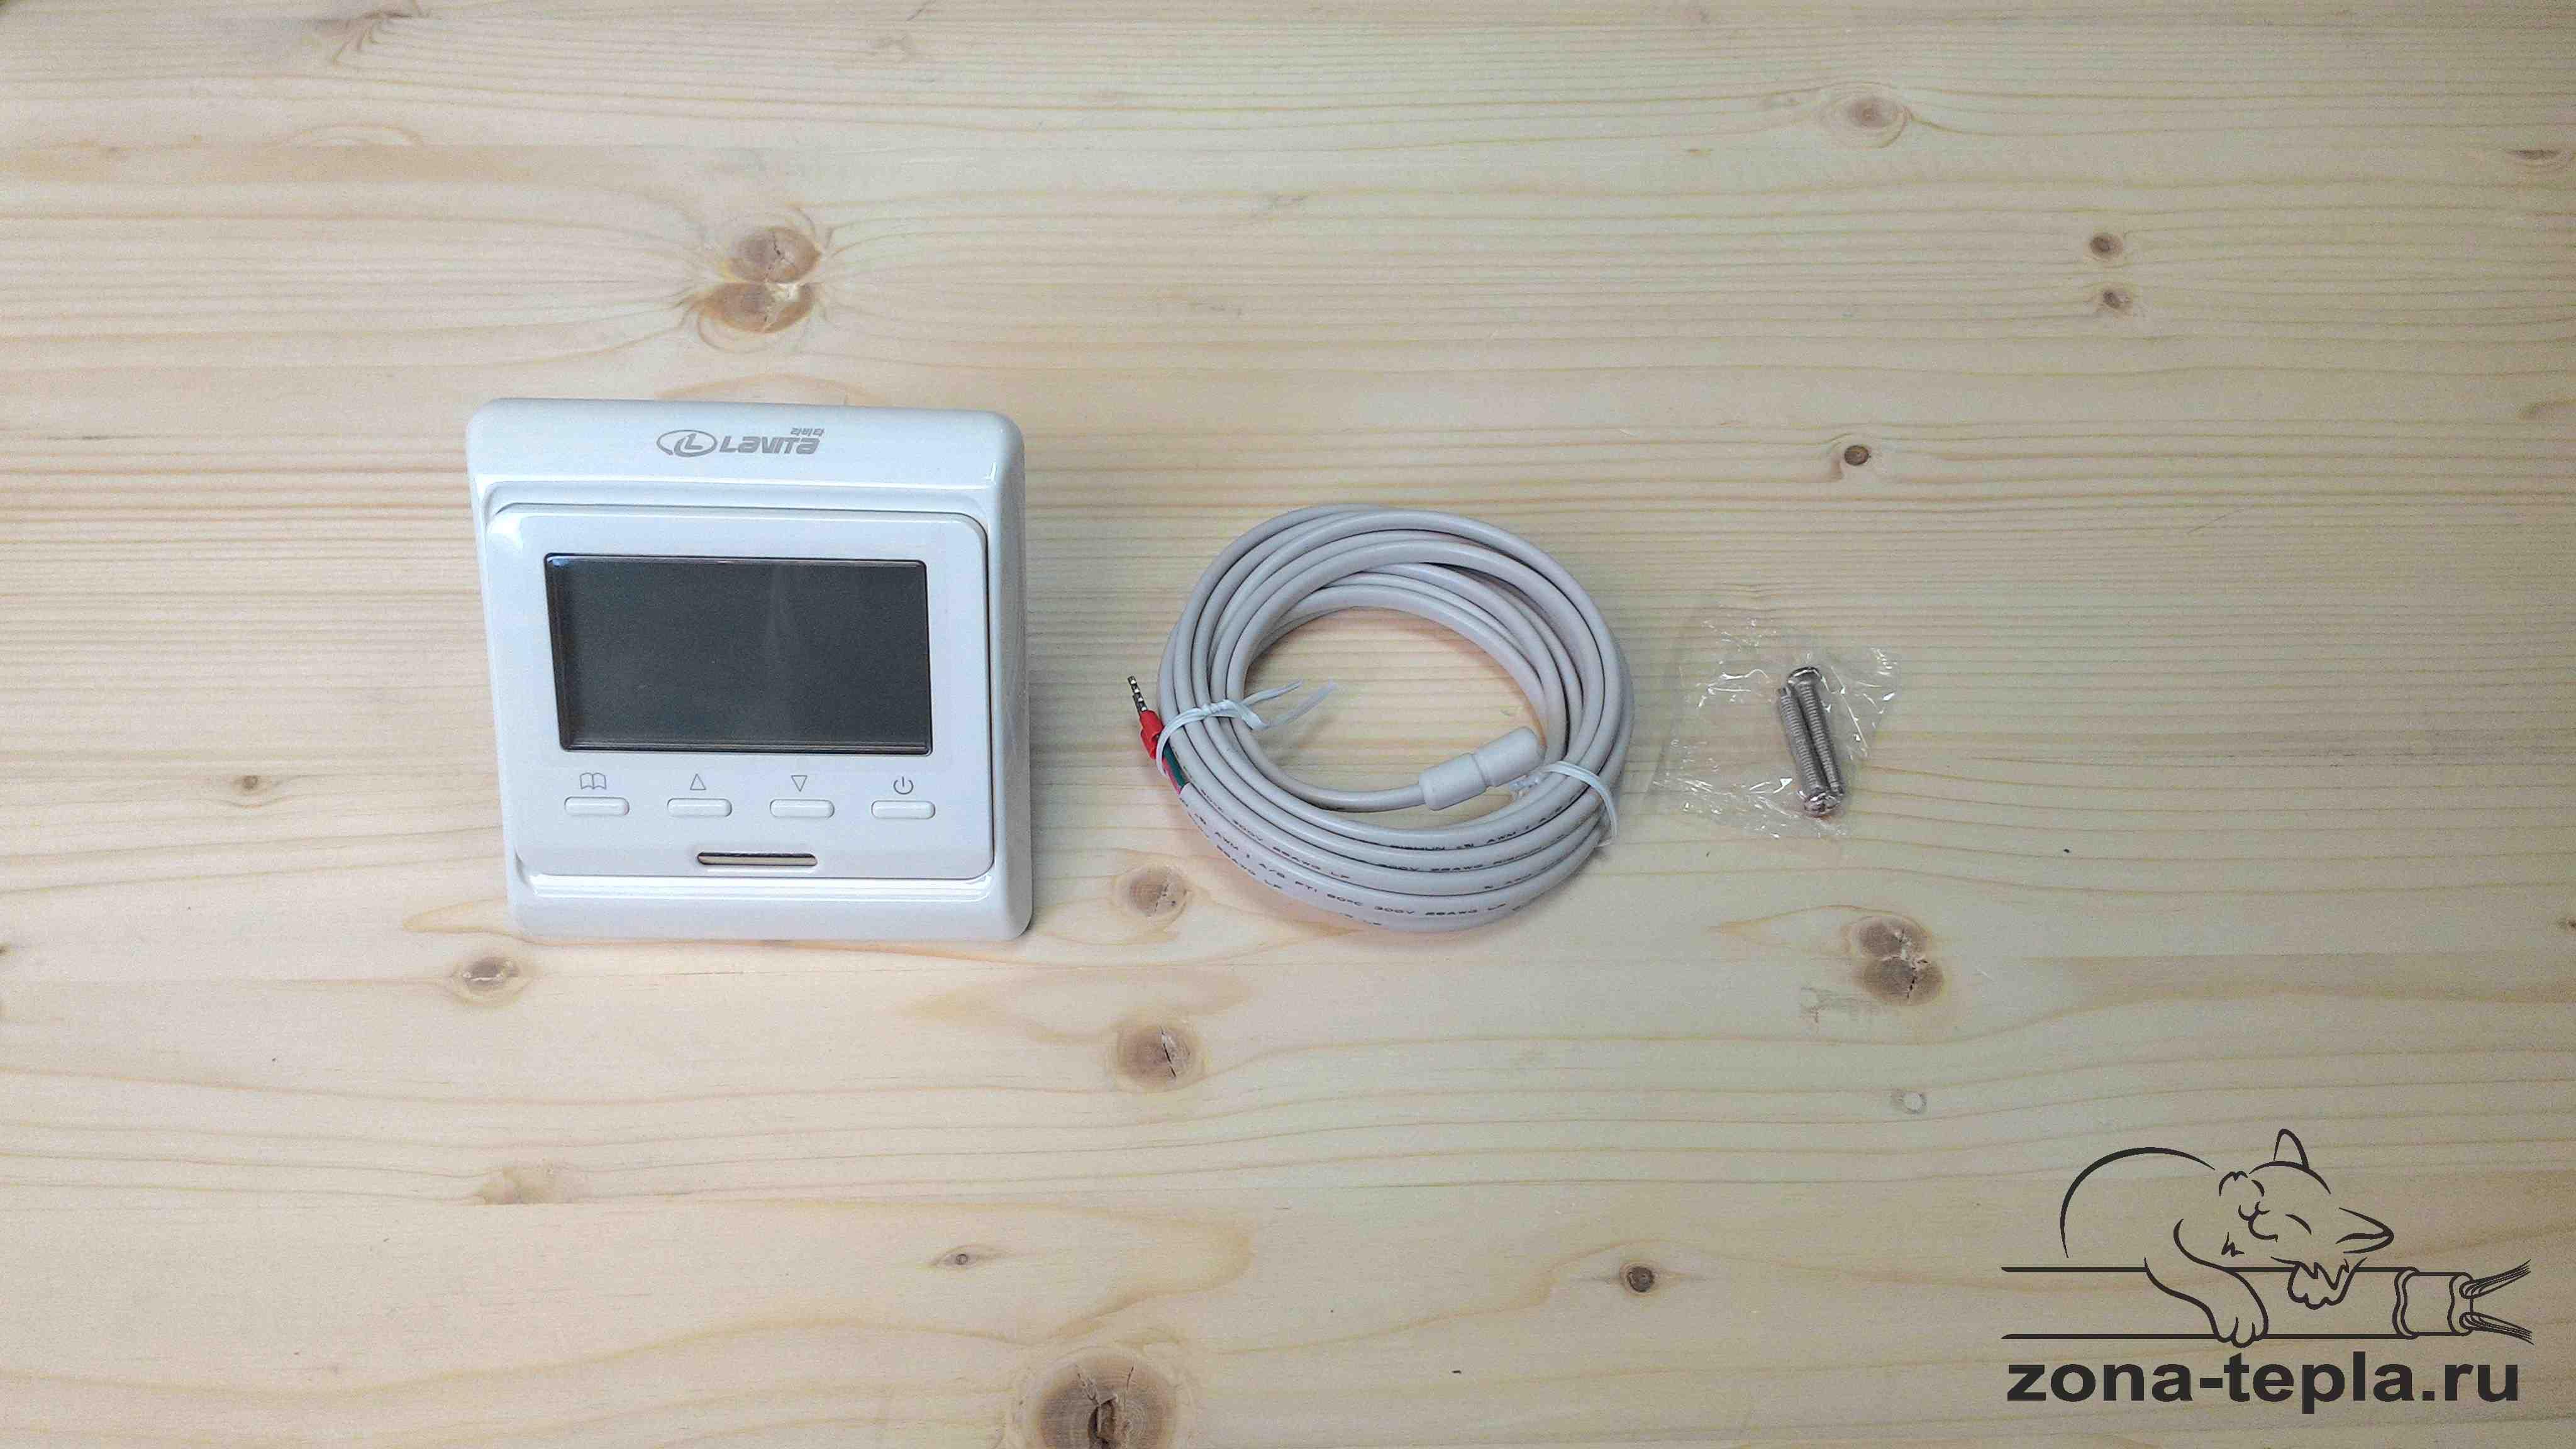 Терморегулятор с датчиком для теплого пола Lavita E51.716